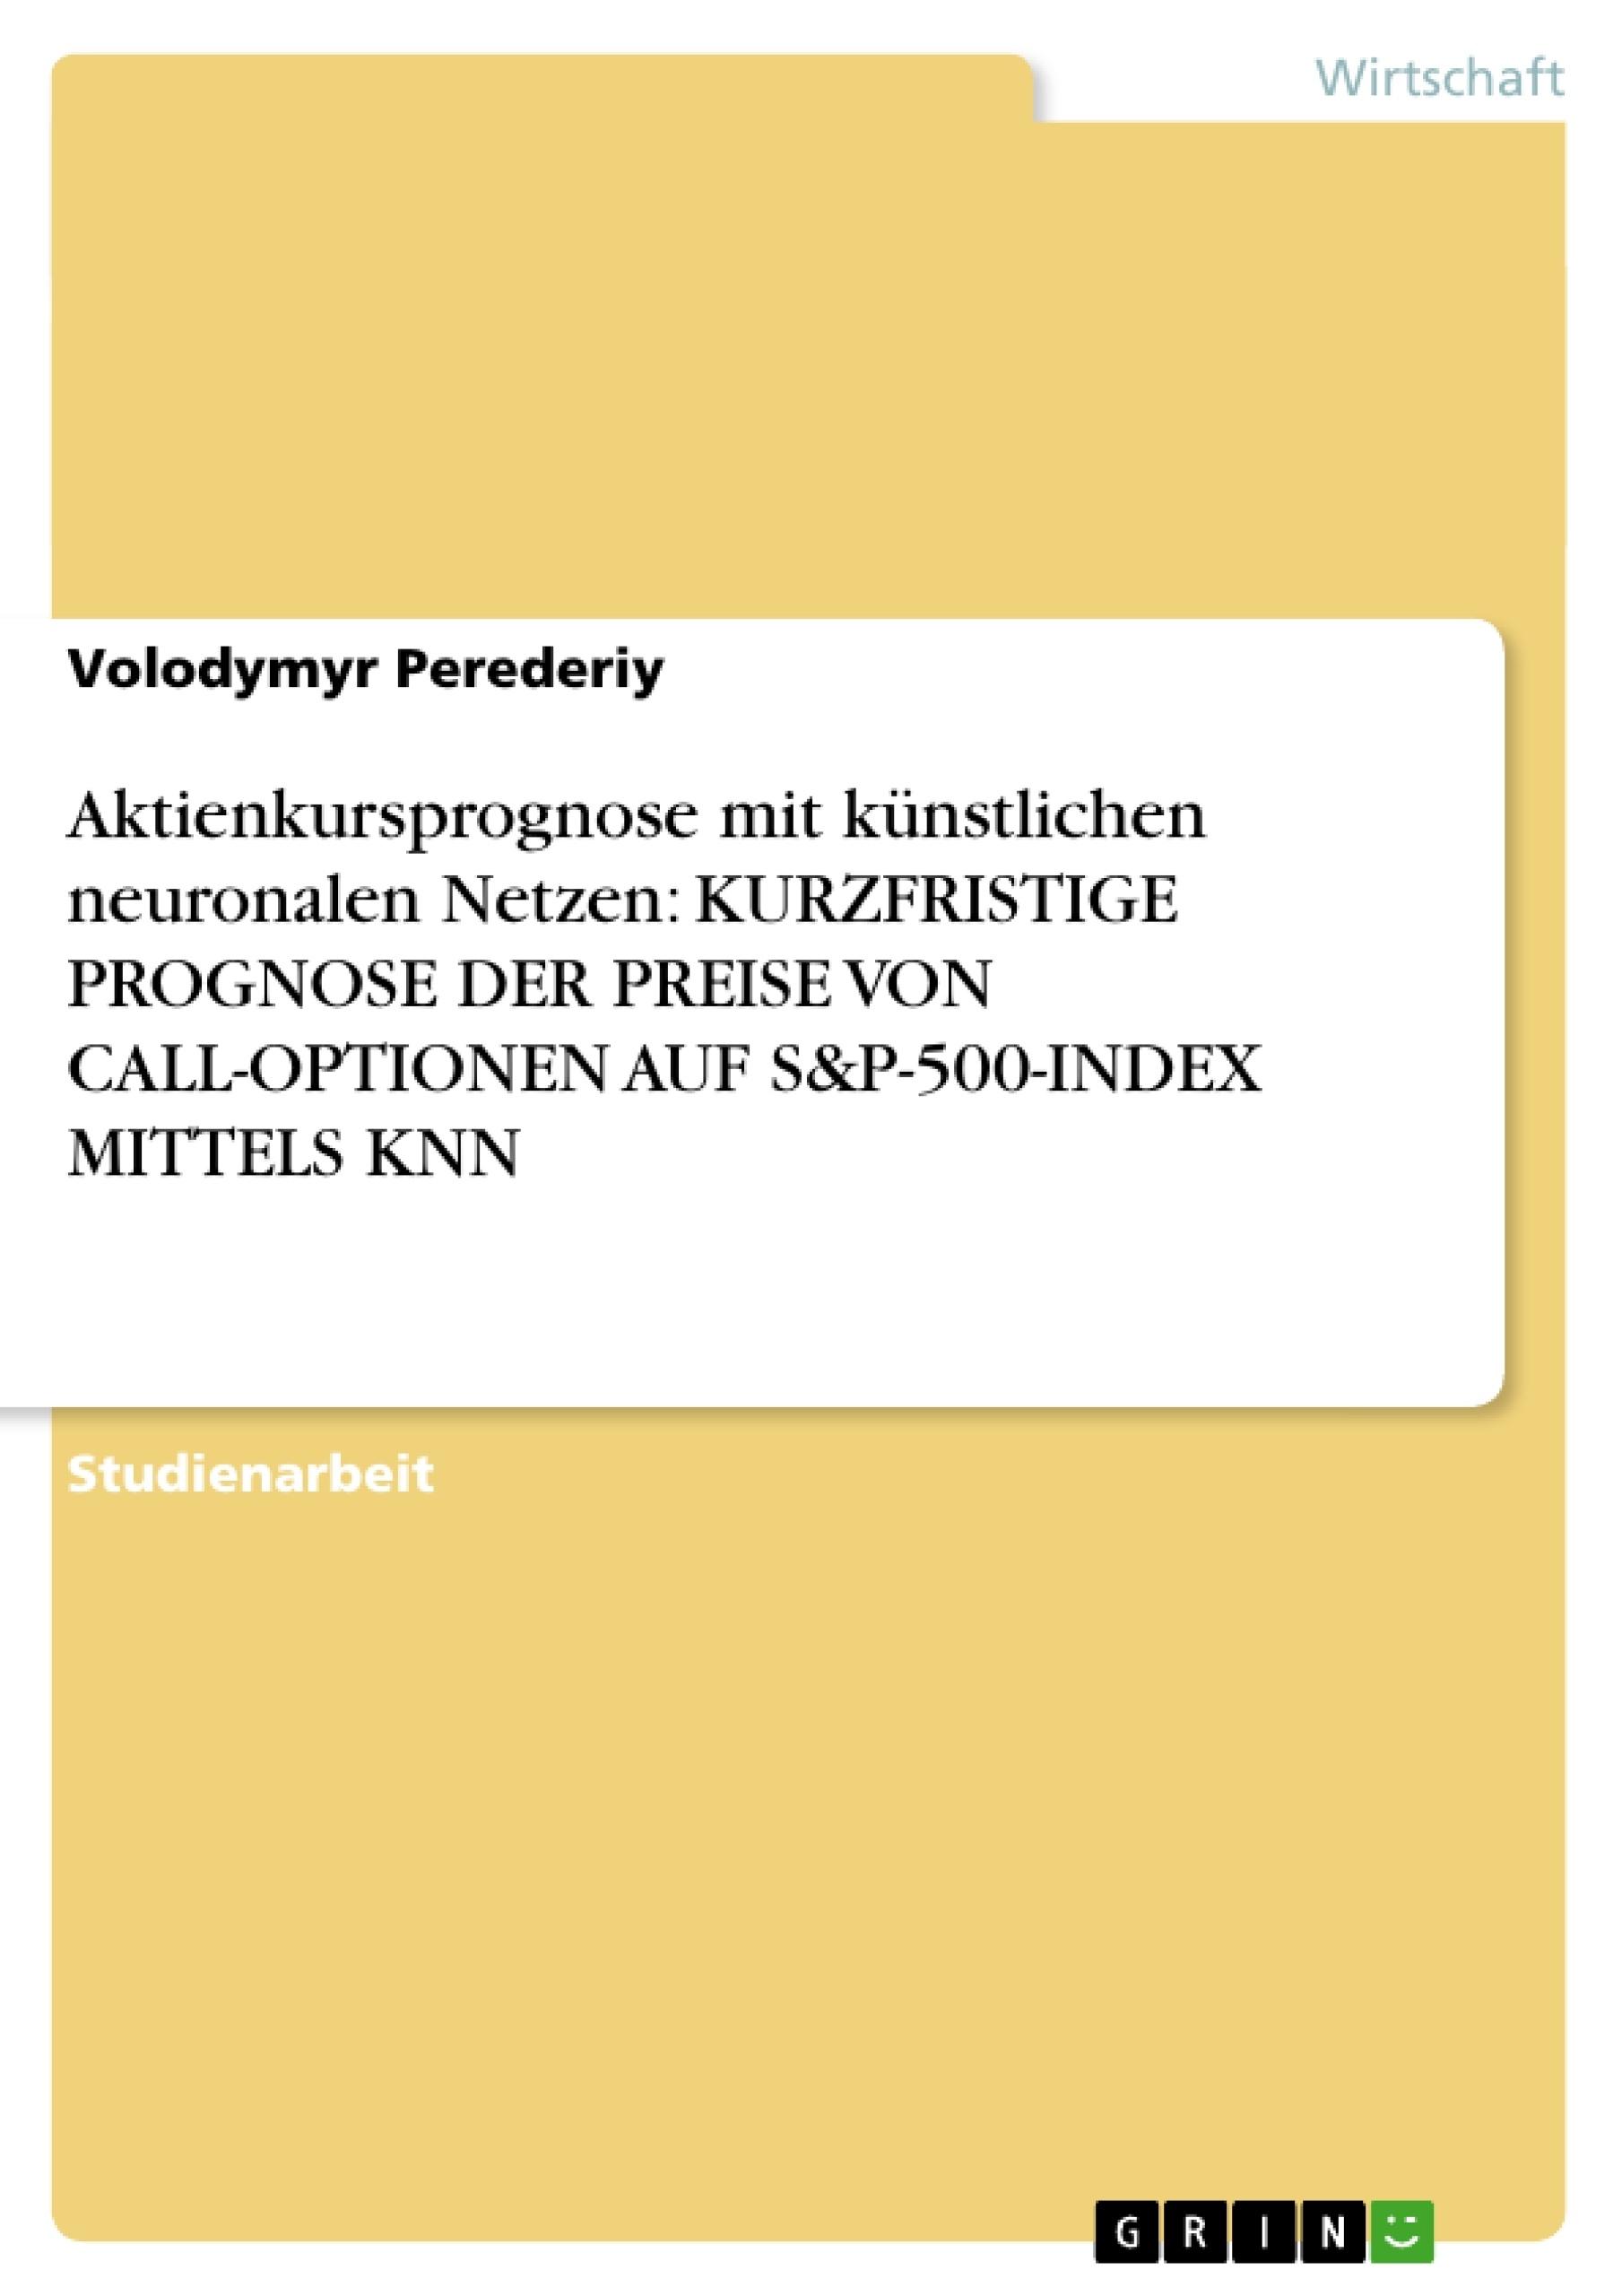 Titel: Aktienkursprognose mit künstlichen neuronalen Netzen:  KURZFRISTIGE PROGNOSE DER PREISE VON CALL-OPTIONEN AUF S&P-500-INDEX  MITTELS KNN